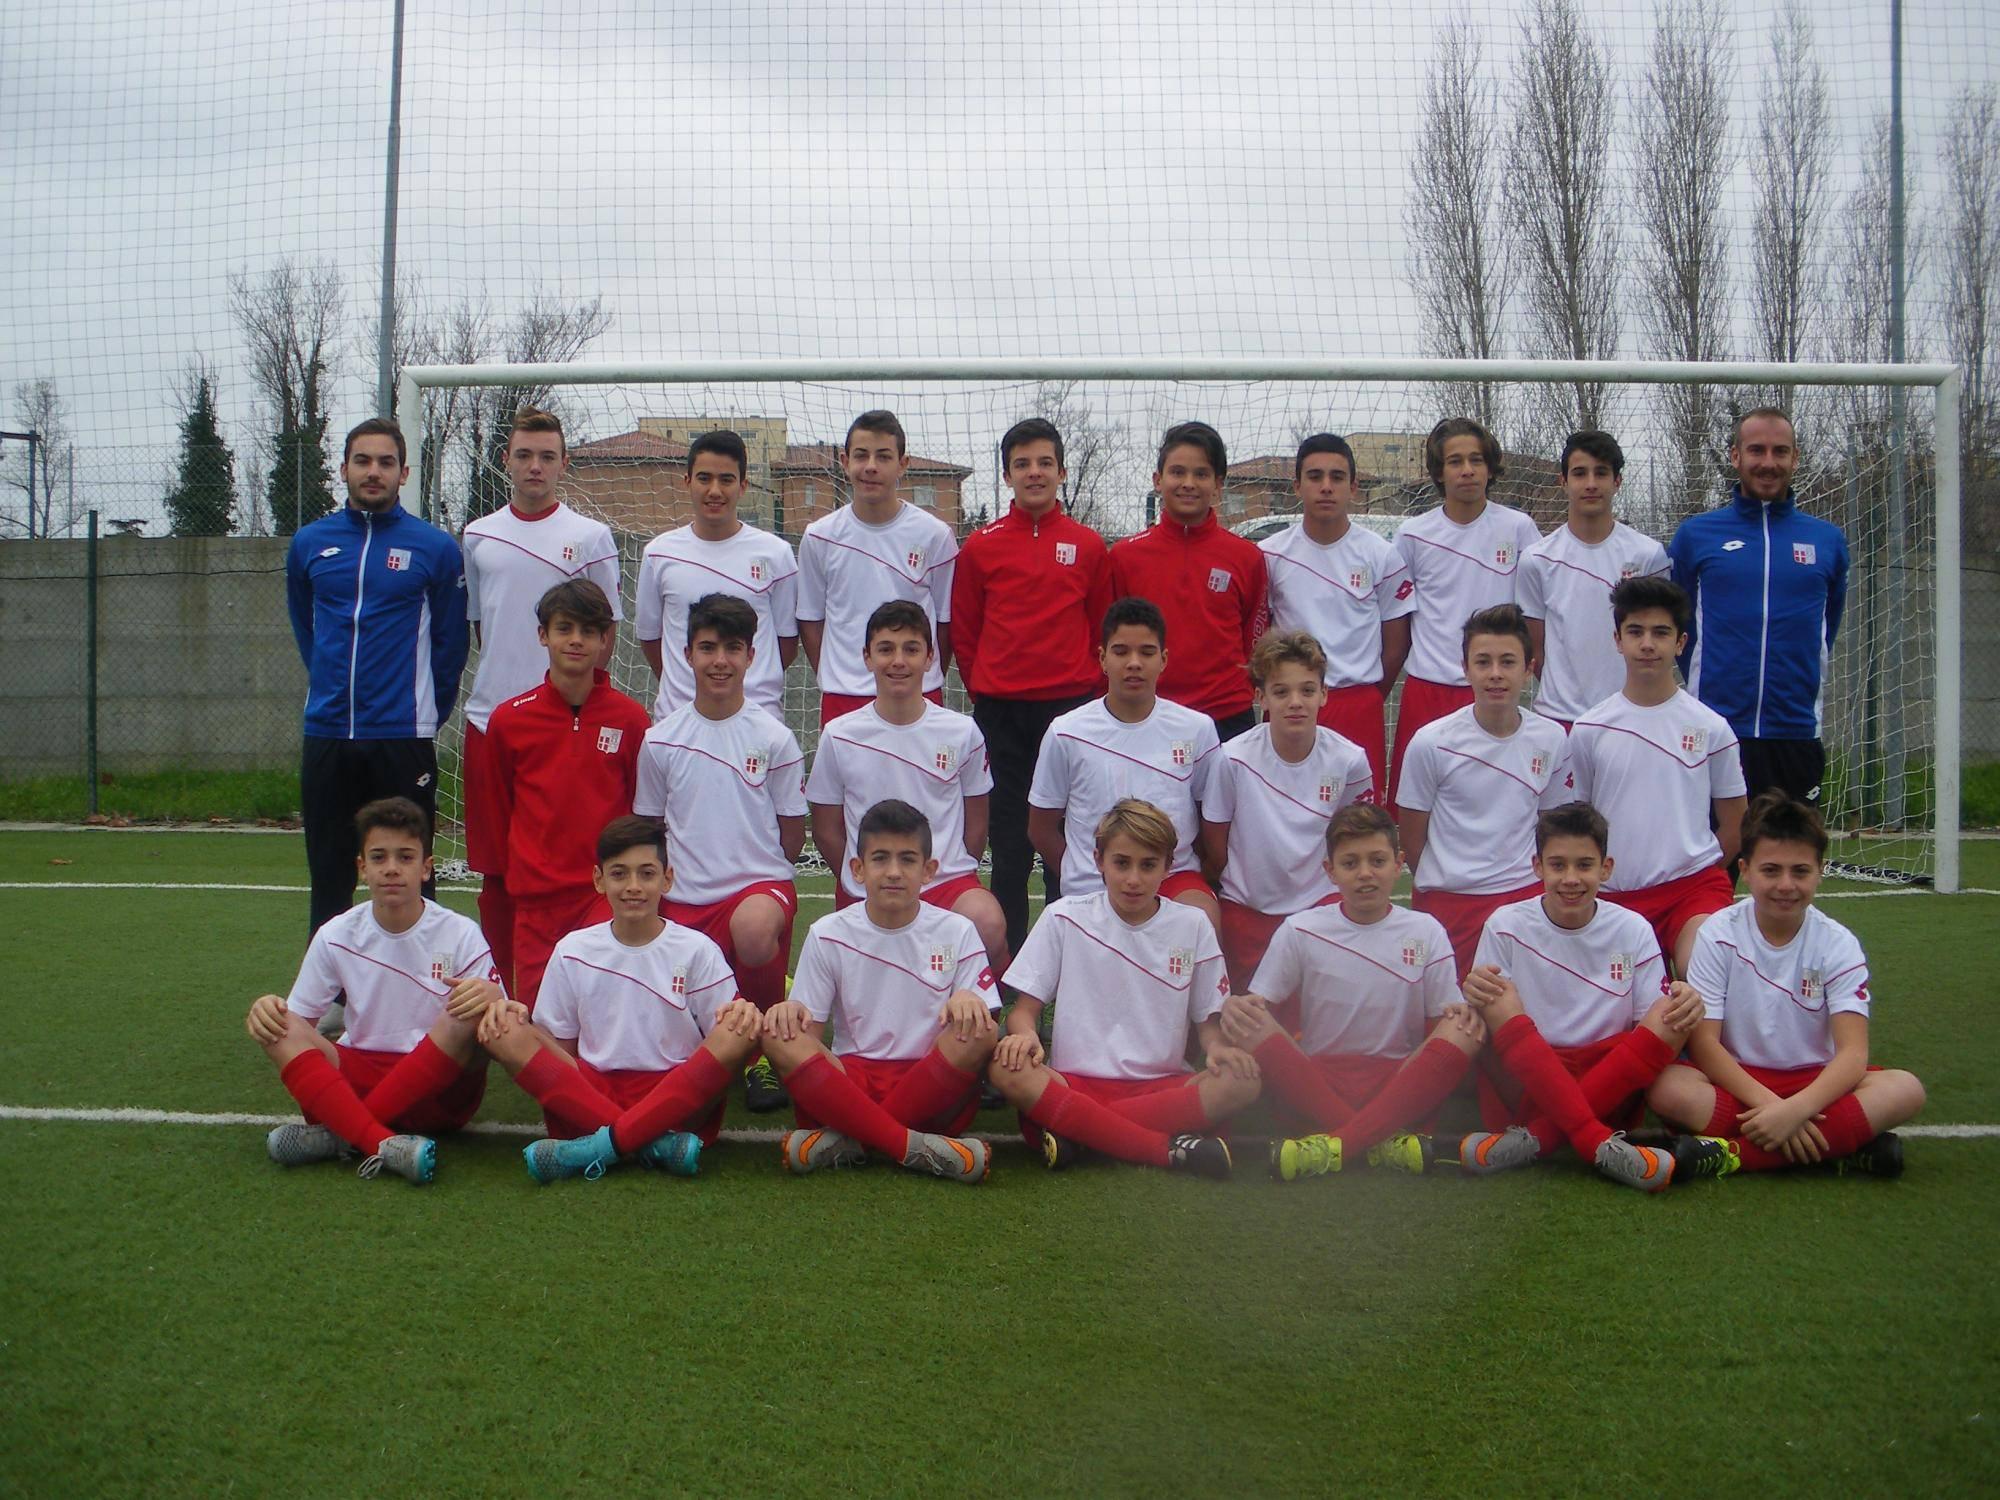 Rimini Calcio. I tabellini delle giovanili, 20-21 febbraio